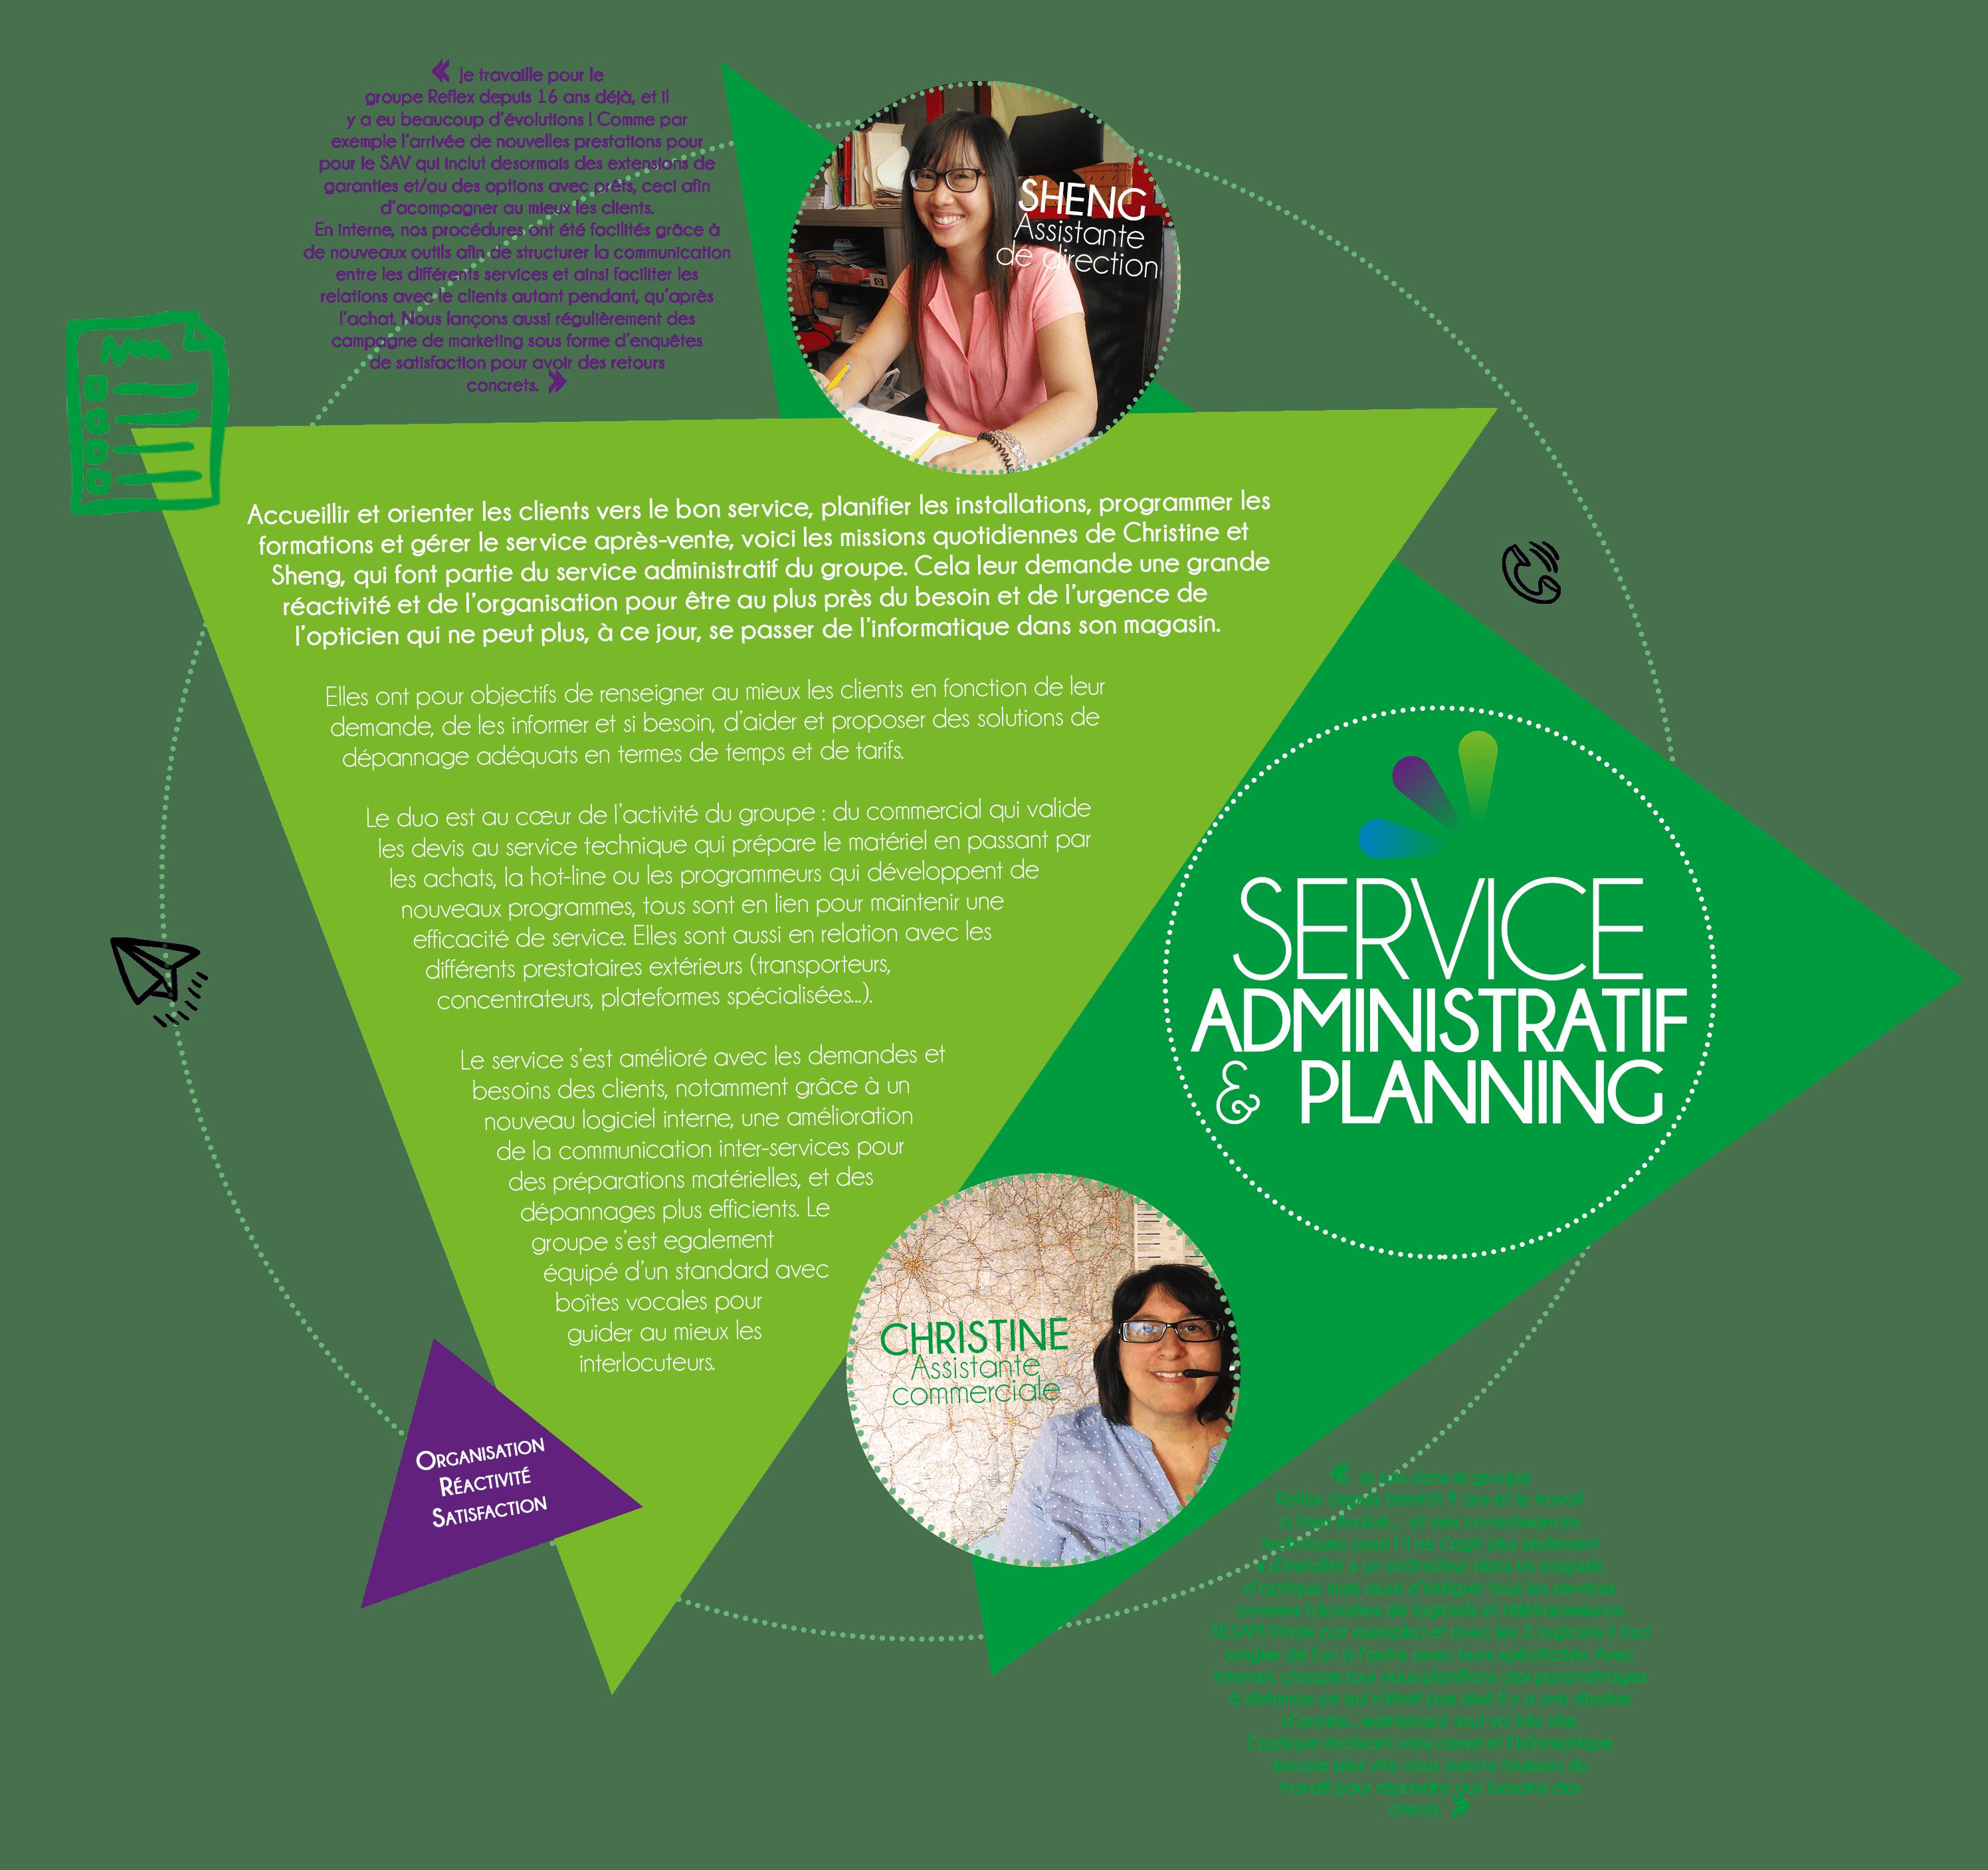 equipe Adm&planning